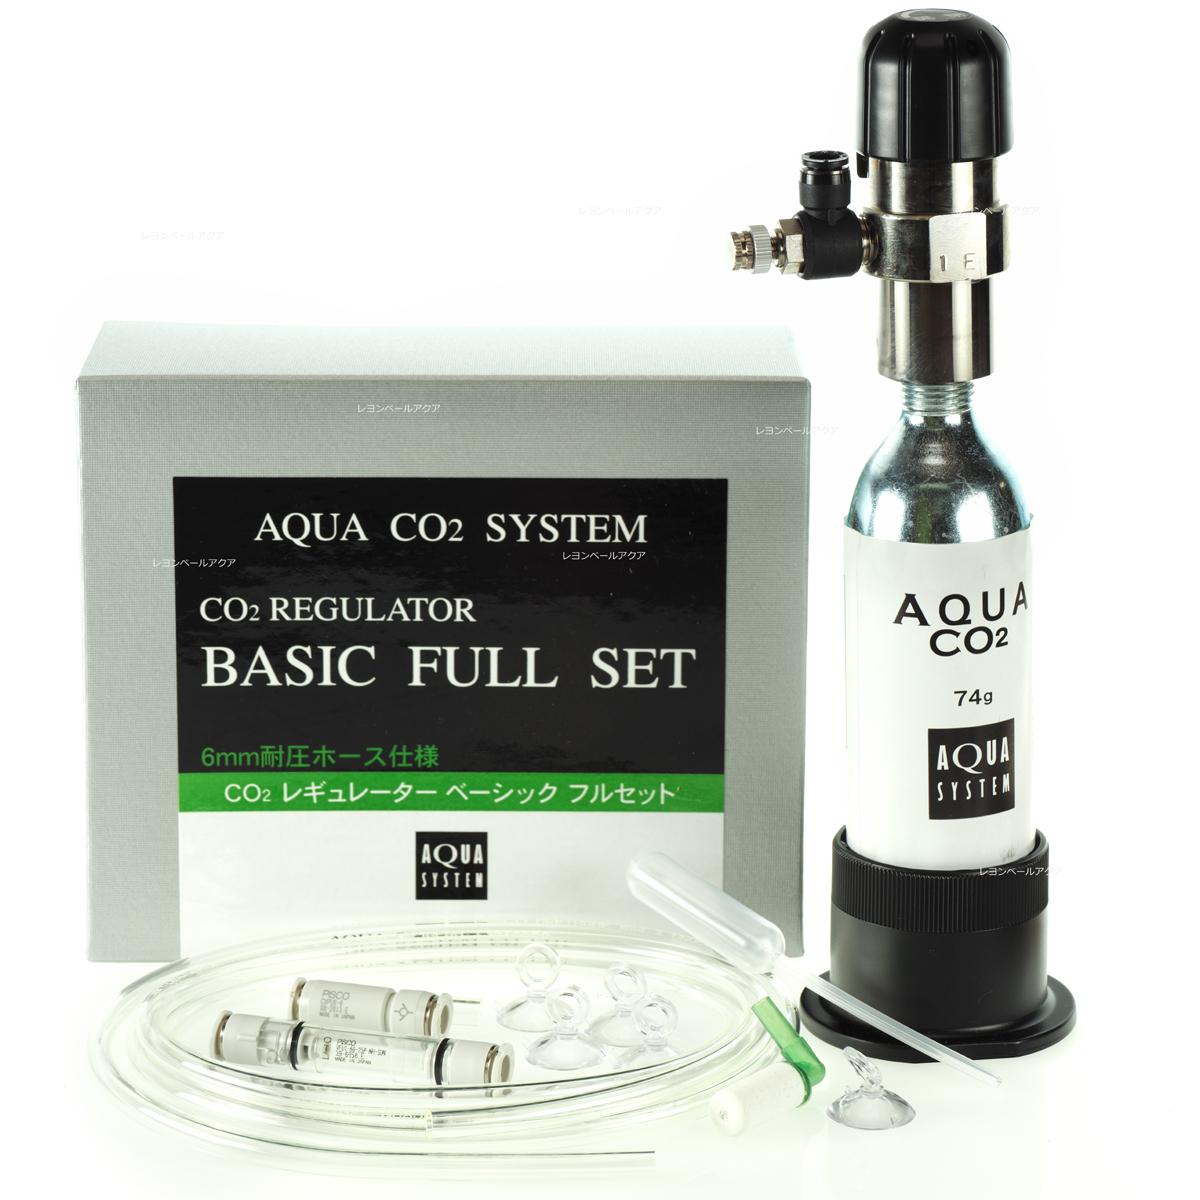 アクアシステム AQUA CO2システム ベーシック フルセット(6mm耐圧ホース仕様)【グリーンパッケージ】 【在庫有り】 北海道沖縄別途送料-